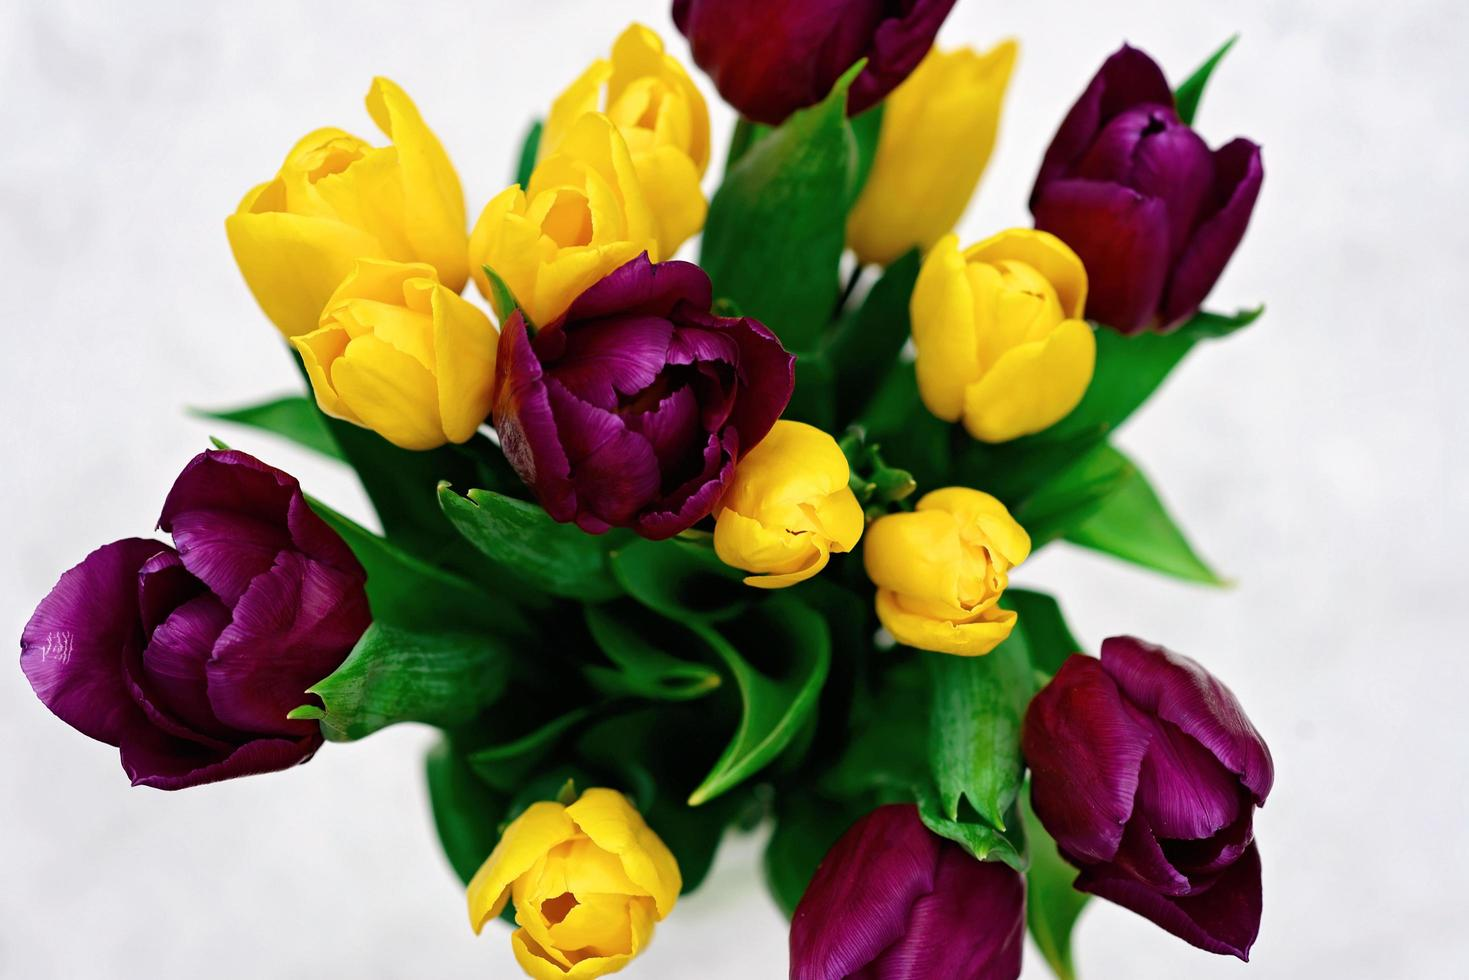 boeket van paarse en gele lente tulp bloemen op een lichte achtergrond close-up. ruimte kopiëren. Moederdag. internationale Vrouwendag. foto